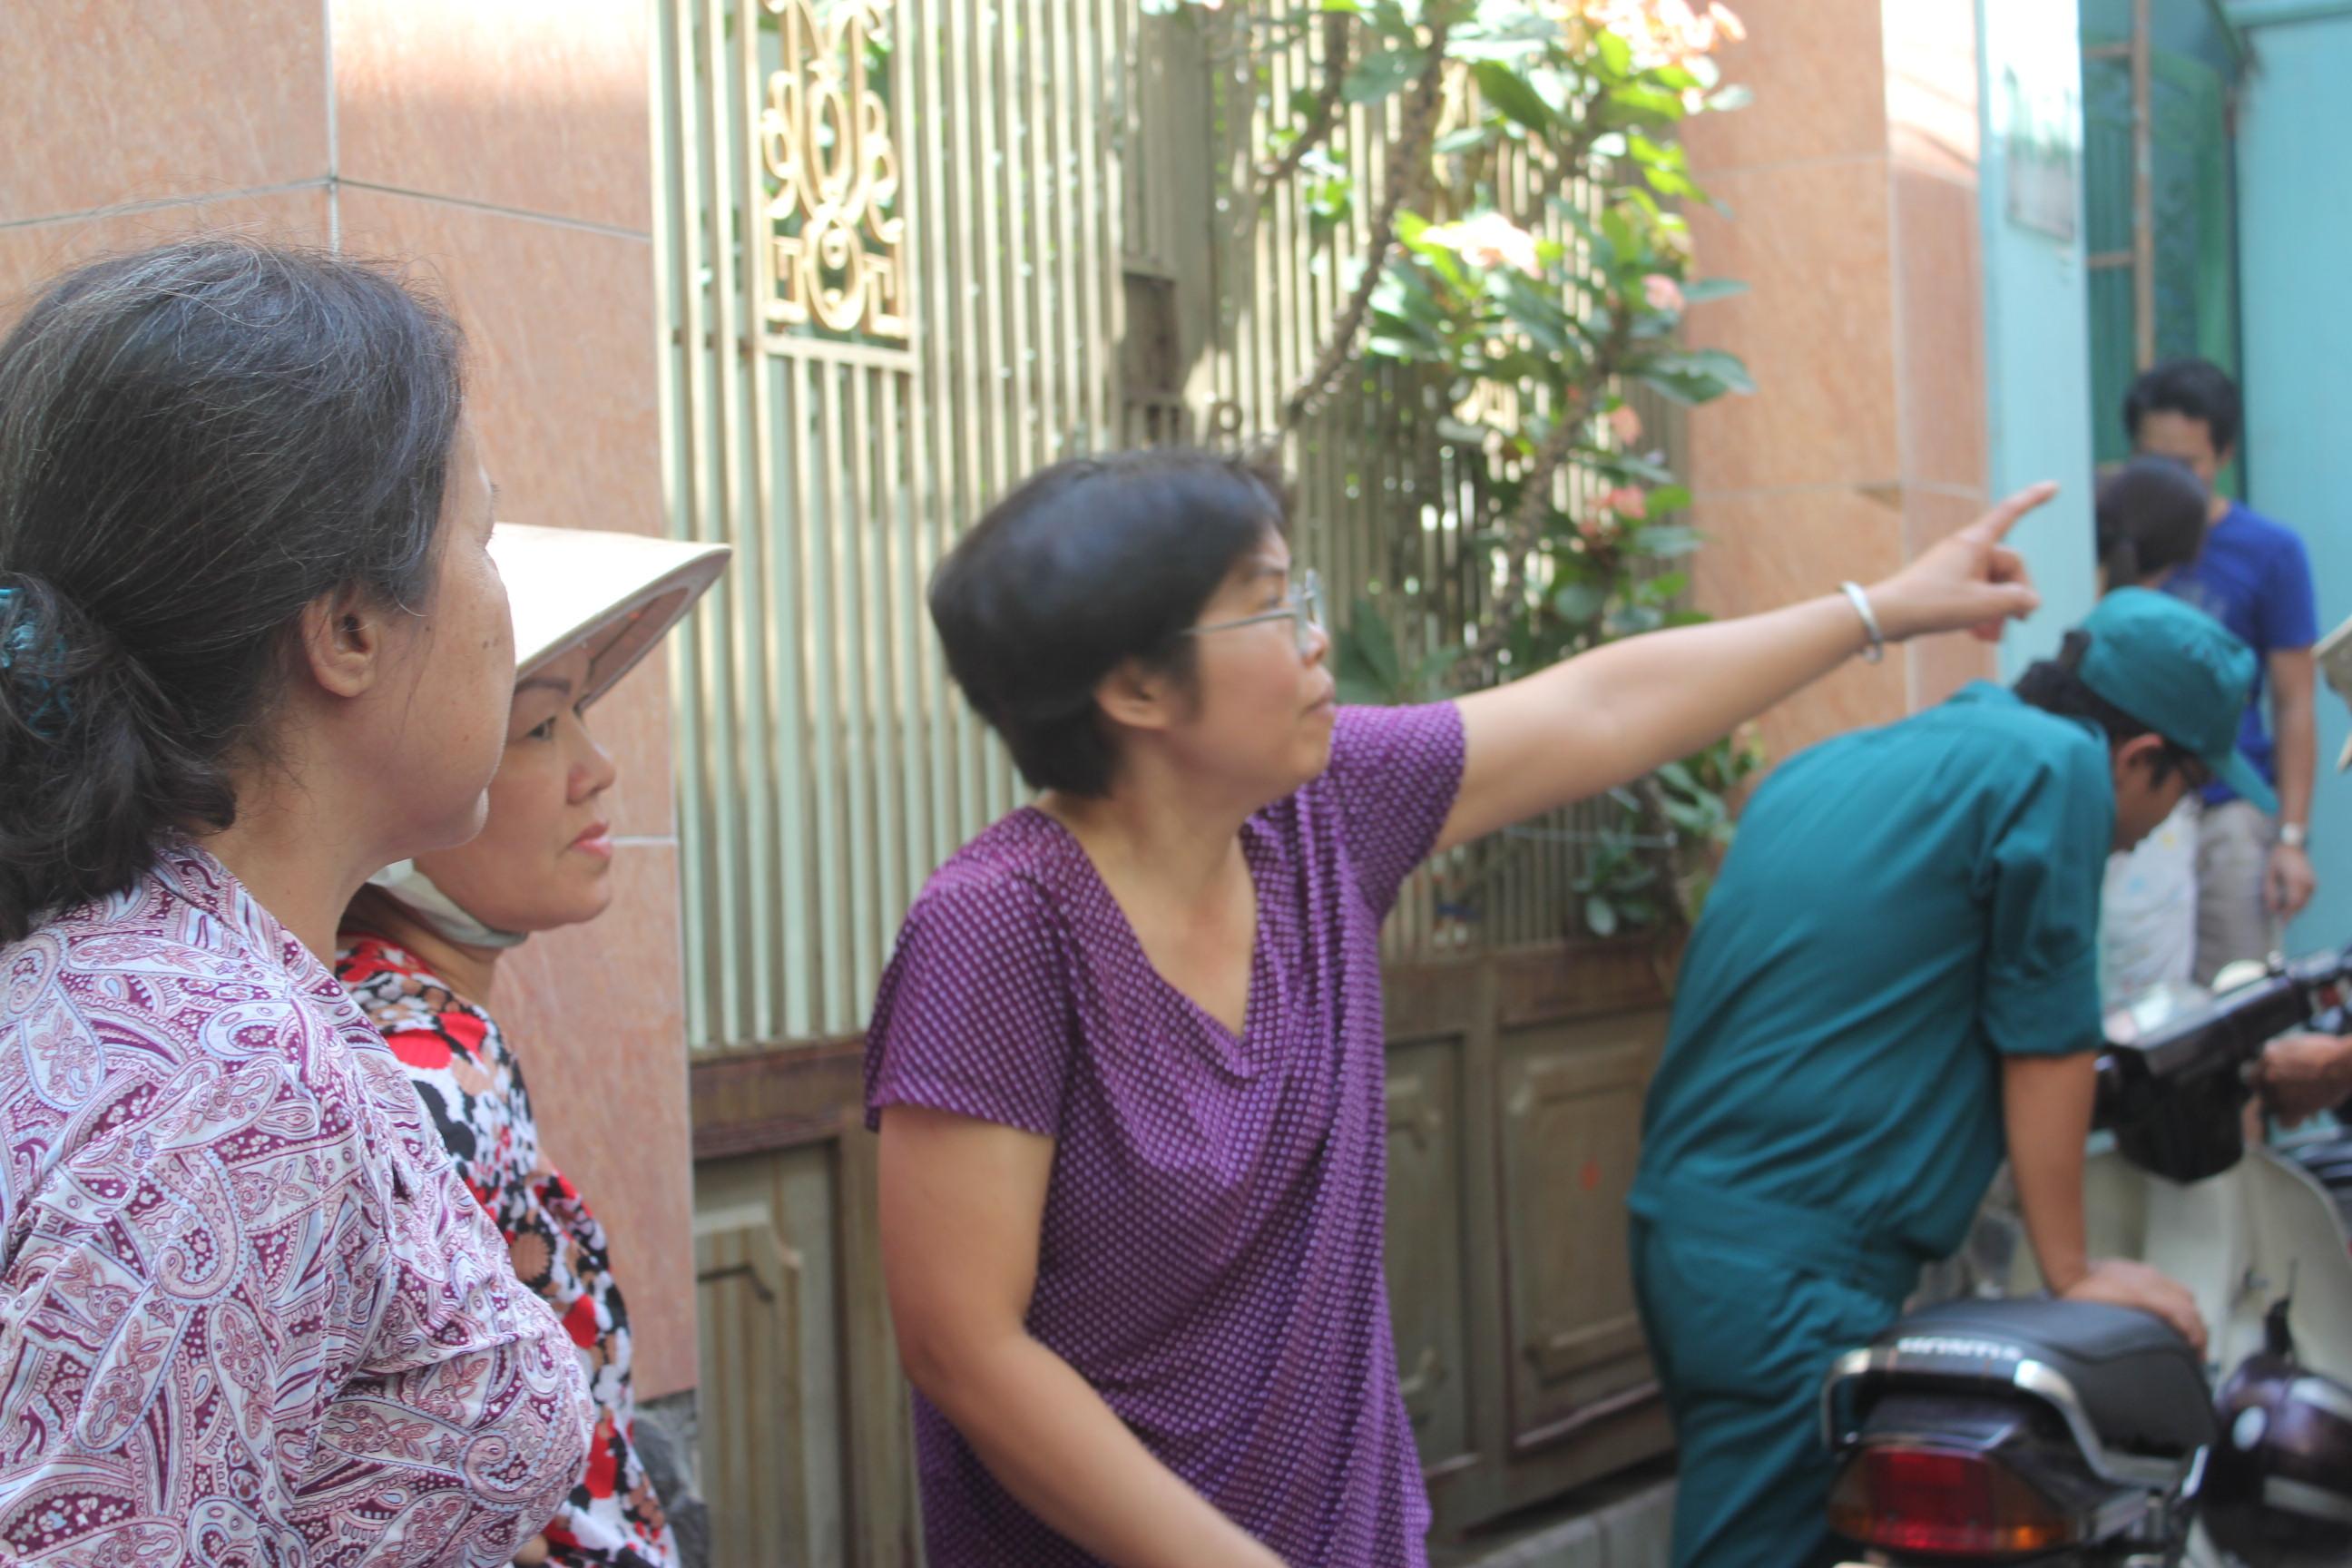 Bà Duyên (đứng giữa) chứng kiến giây phút 15 sinh viên bị kẹt, cầu cứu trong căn nhà rực lửa